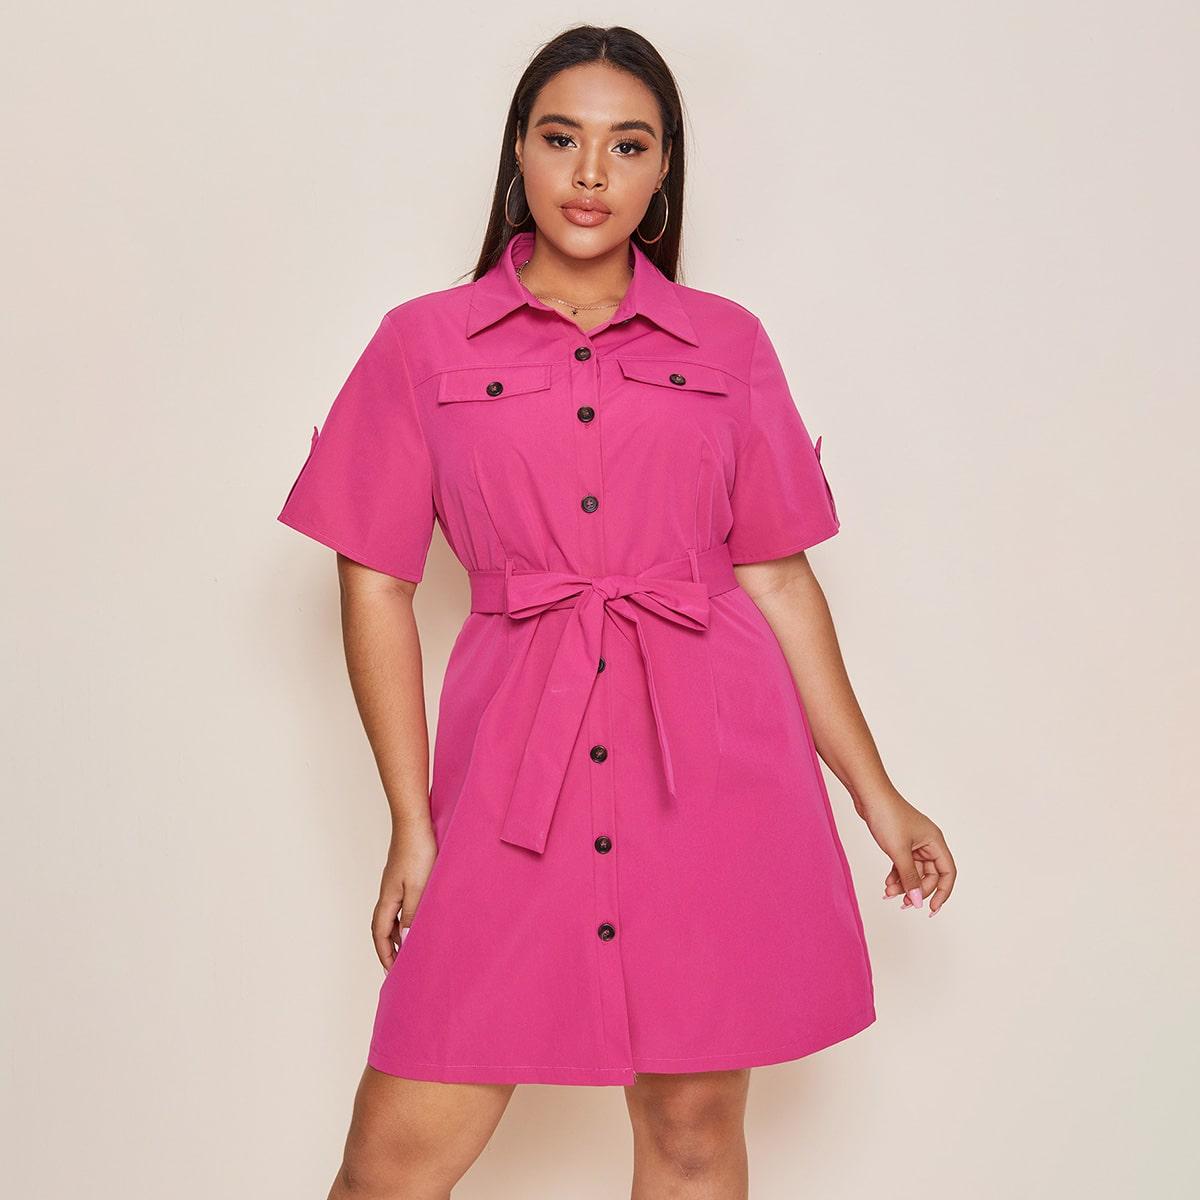 Ярко-розовый с поясом Одноцветный Повседневный Платья размер плюс фото